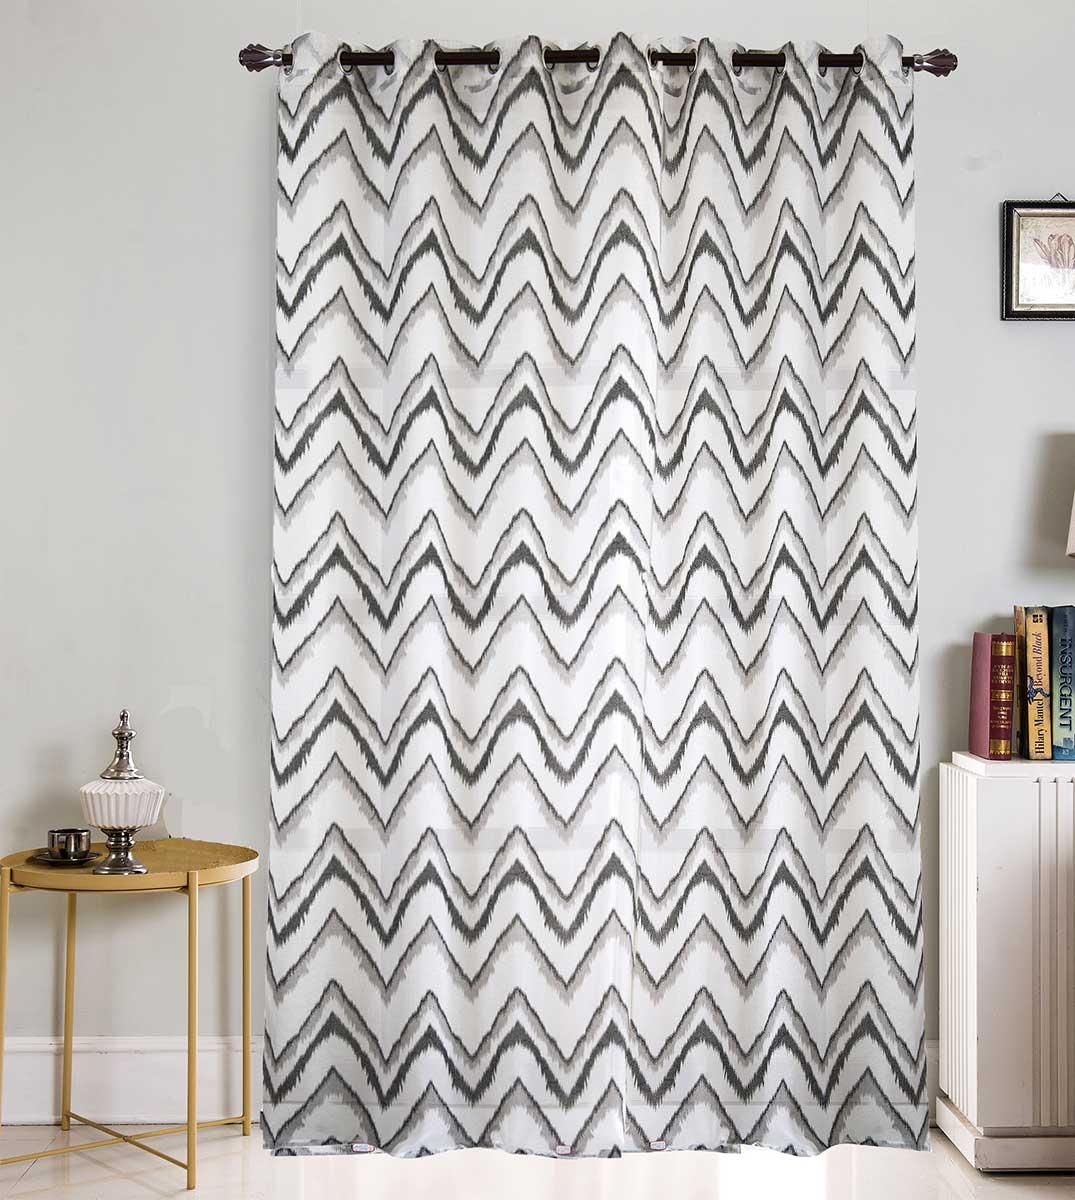 voilage grande largeur esprit ethnique gris fuchsia choco noir blanc homemaison. Black Bedroom Furniture Sets. Home Design Ideas